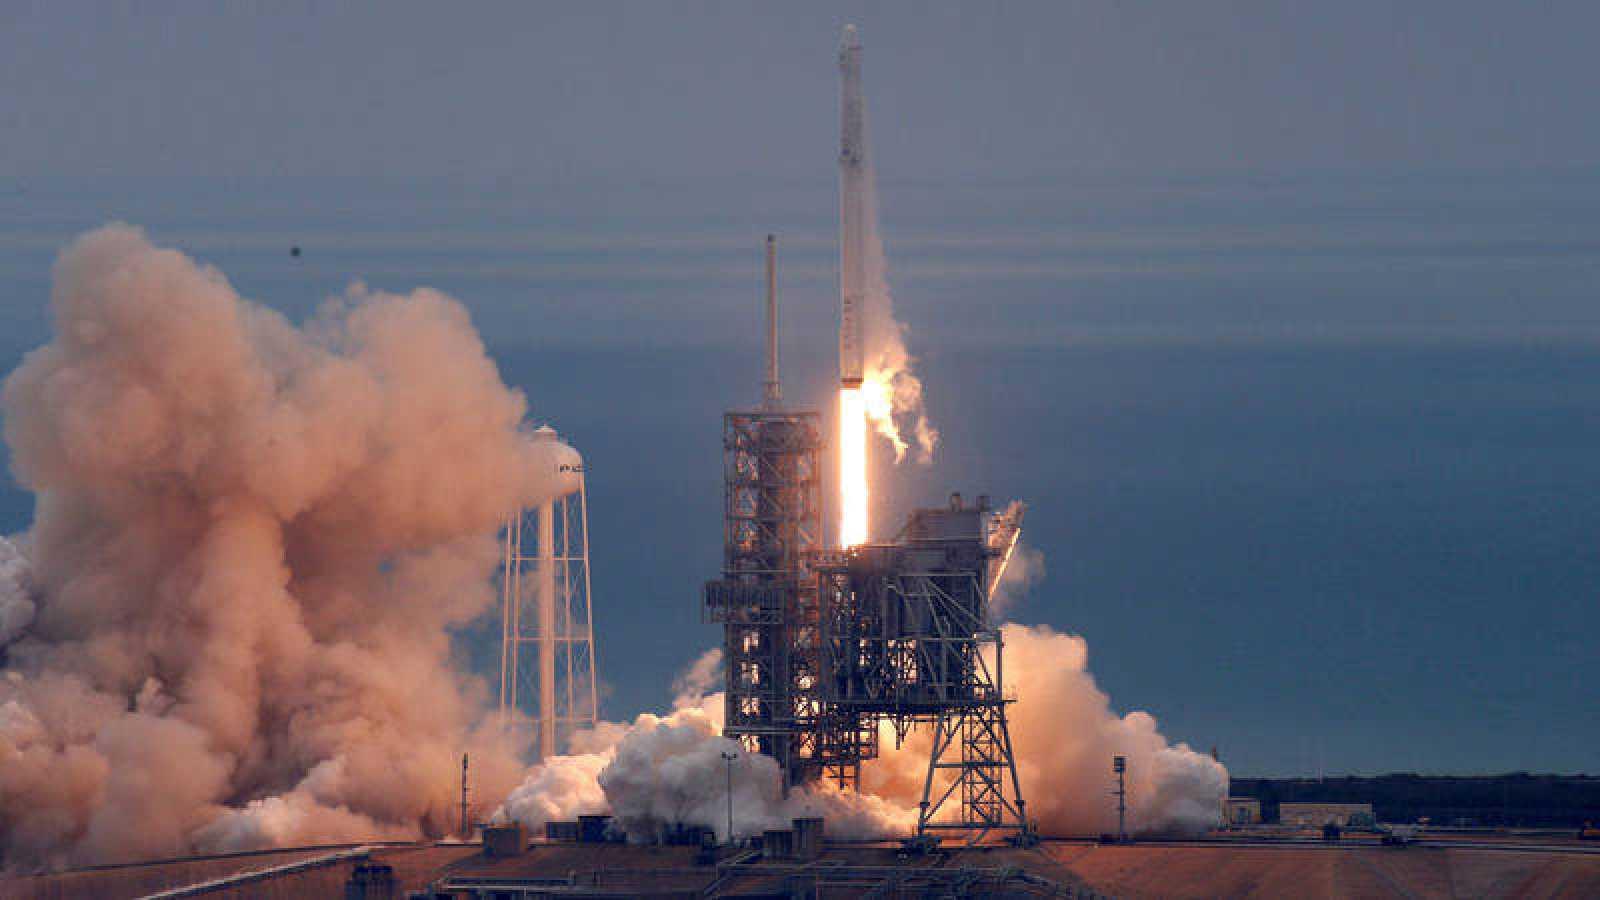 Imagen del lanzamiento del Falcon 9 de SpaceX desde la plataforma 39A del centro Kennedy de la NASA en Florida (EE.UU.).